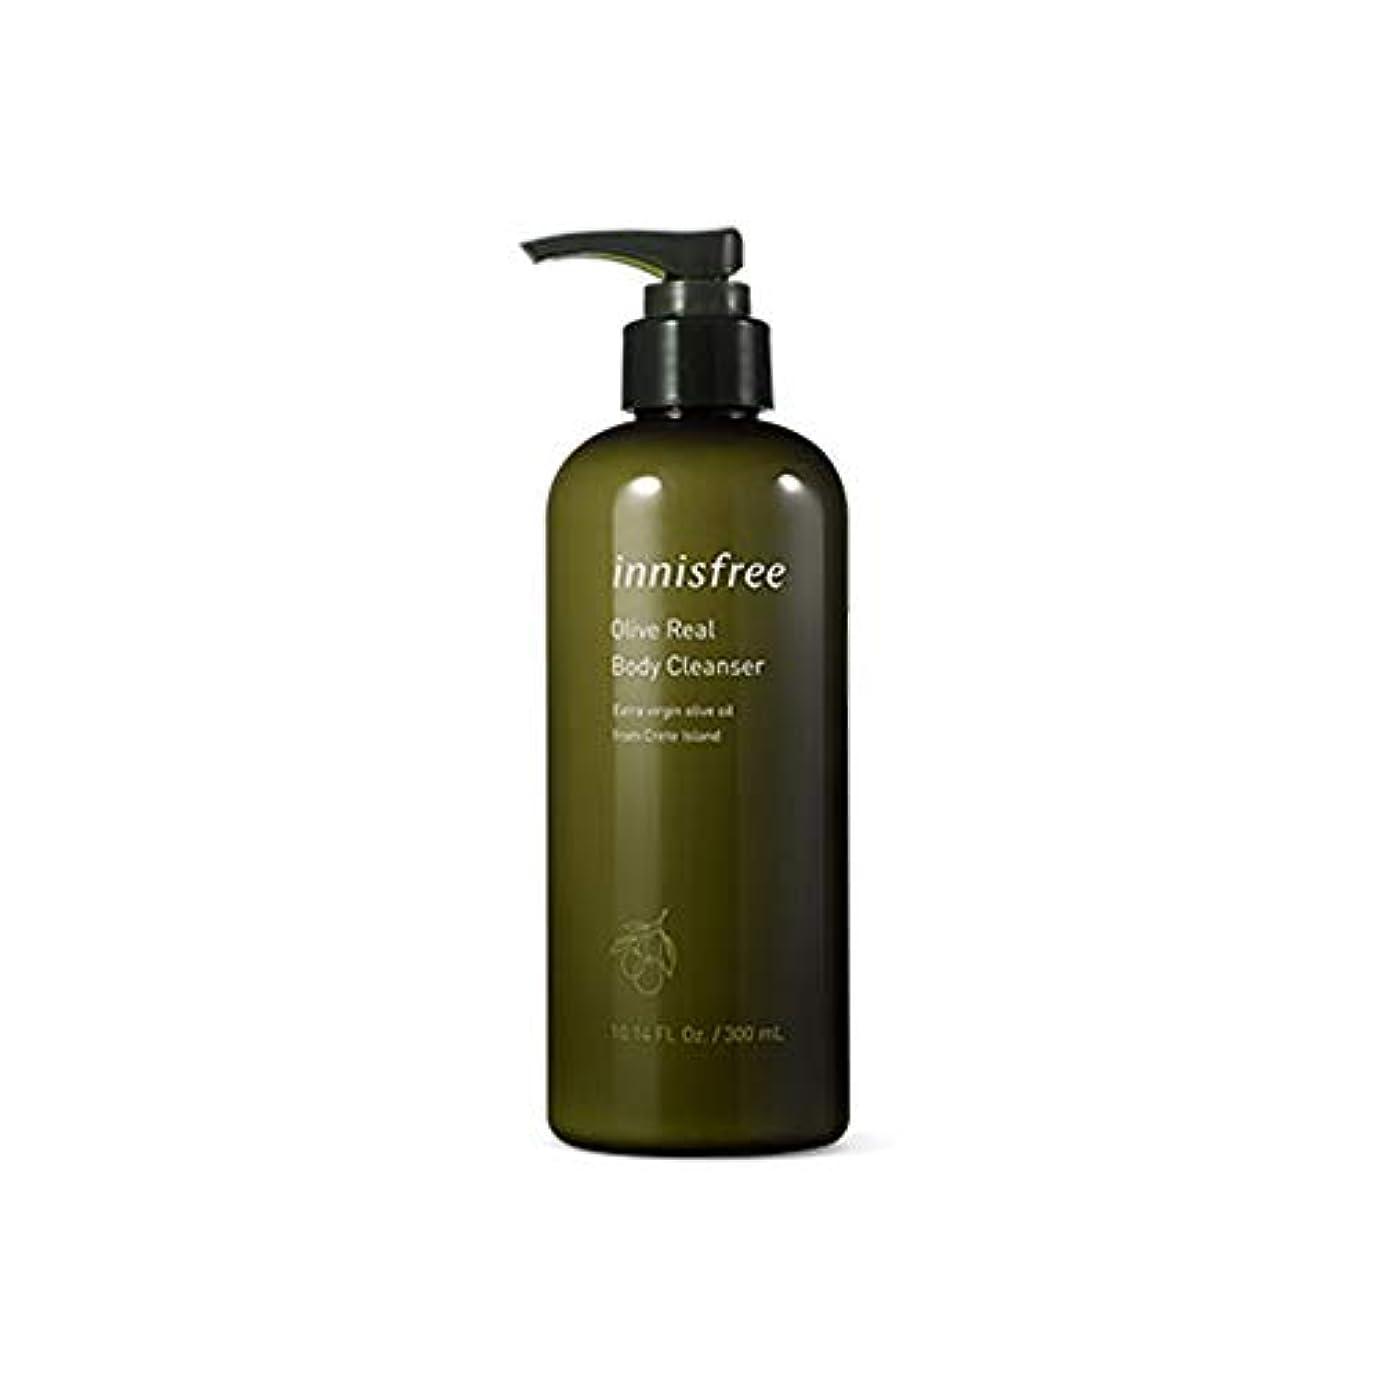 化石叫ぶ建設イニスフリー Innisfree オリーブリアルボディークレンザー(300ml) Innisfree Olive Real Body Cleanser(300ml) [海外直送品]